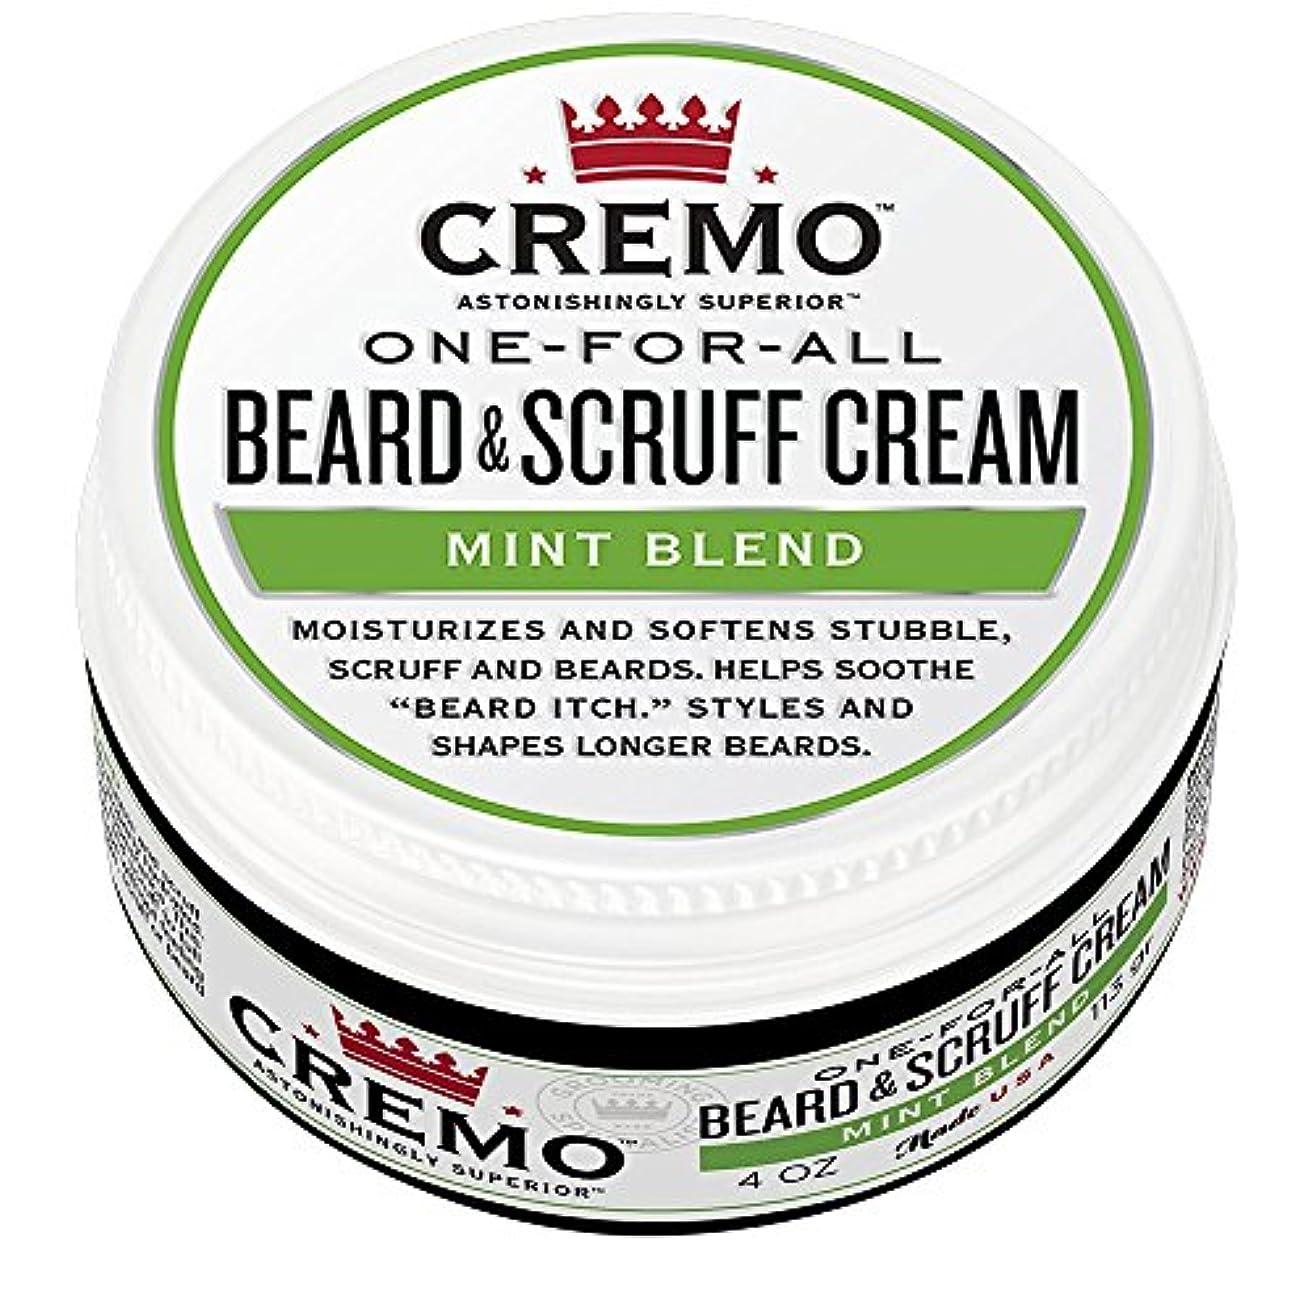 余裕がある社会学ハイブリッドCremo ビアード&首筋クリーム、ミントのブレンドの香り、潤い、スタイルとひげのすべての長さについてはビアードかゆみを軽減し、4オンスをブレンド、包装は変更になる場合があります